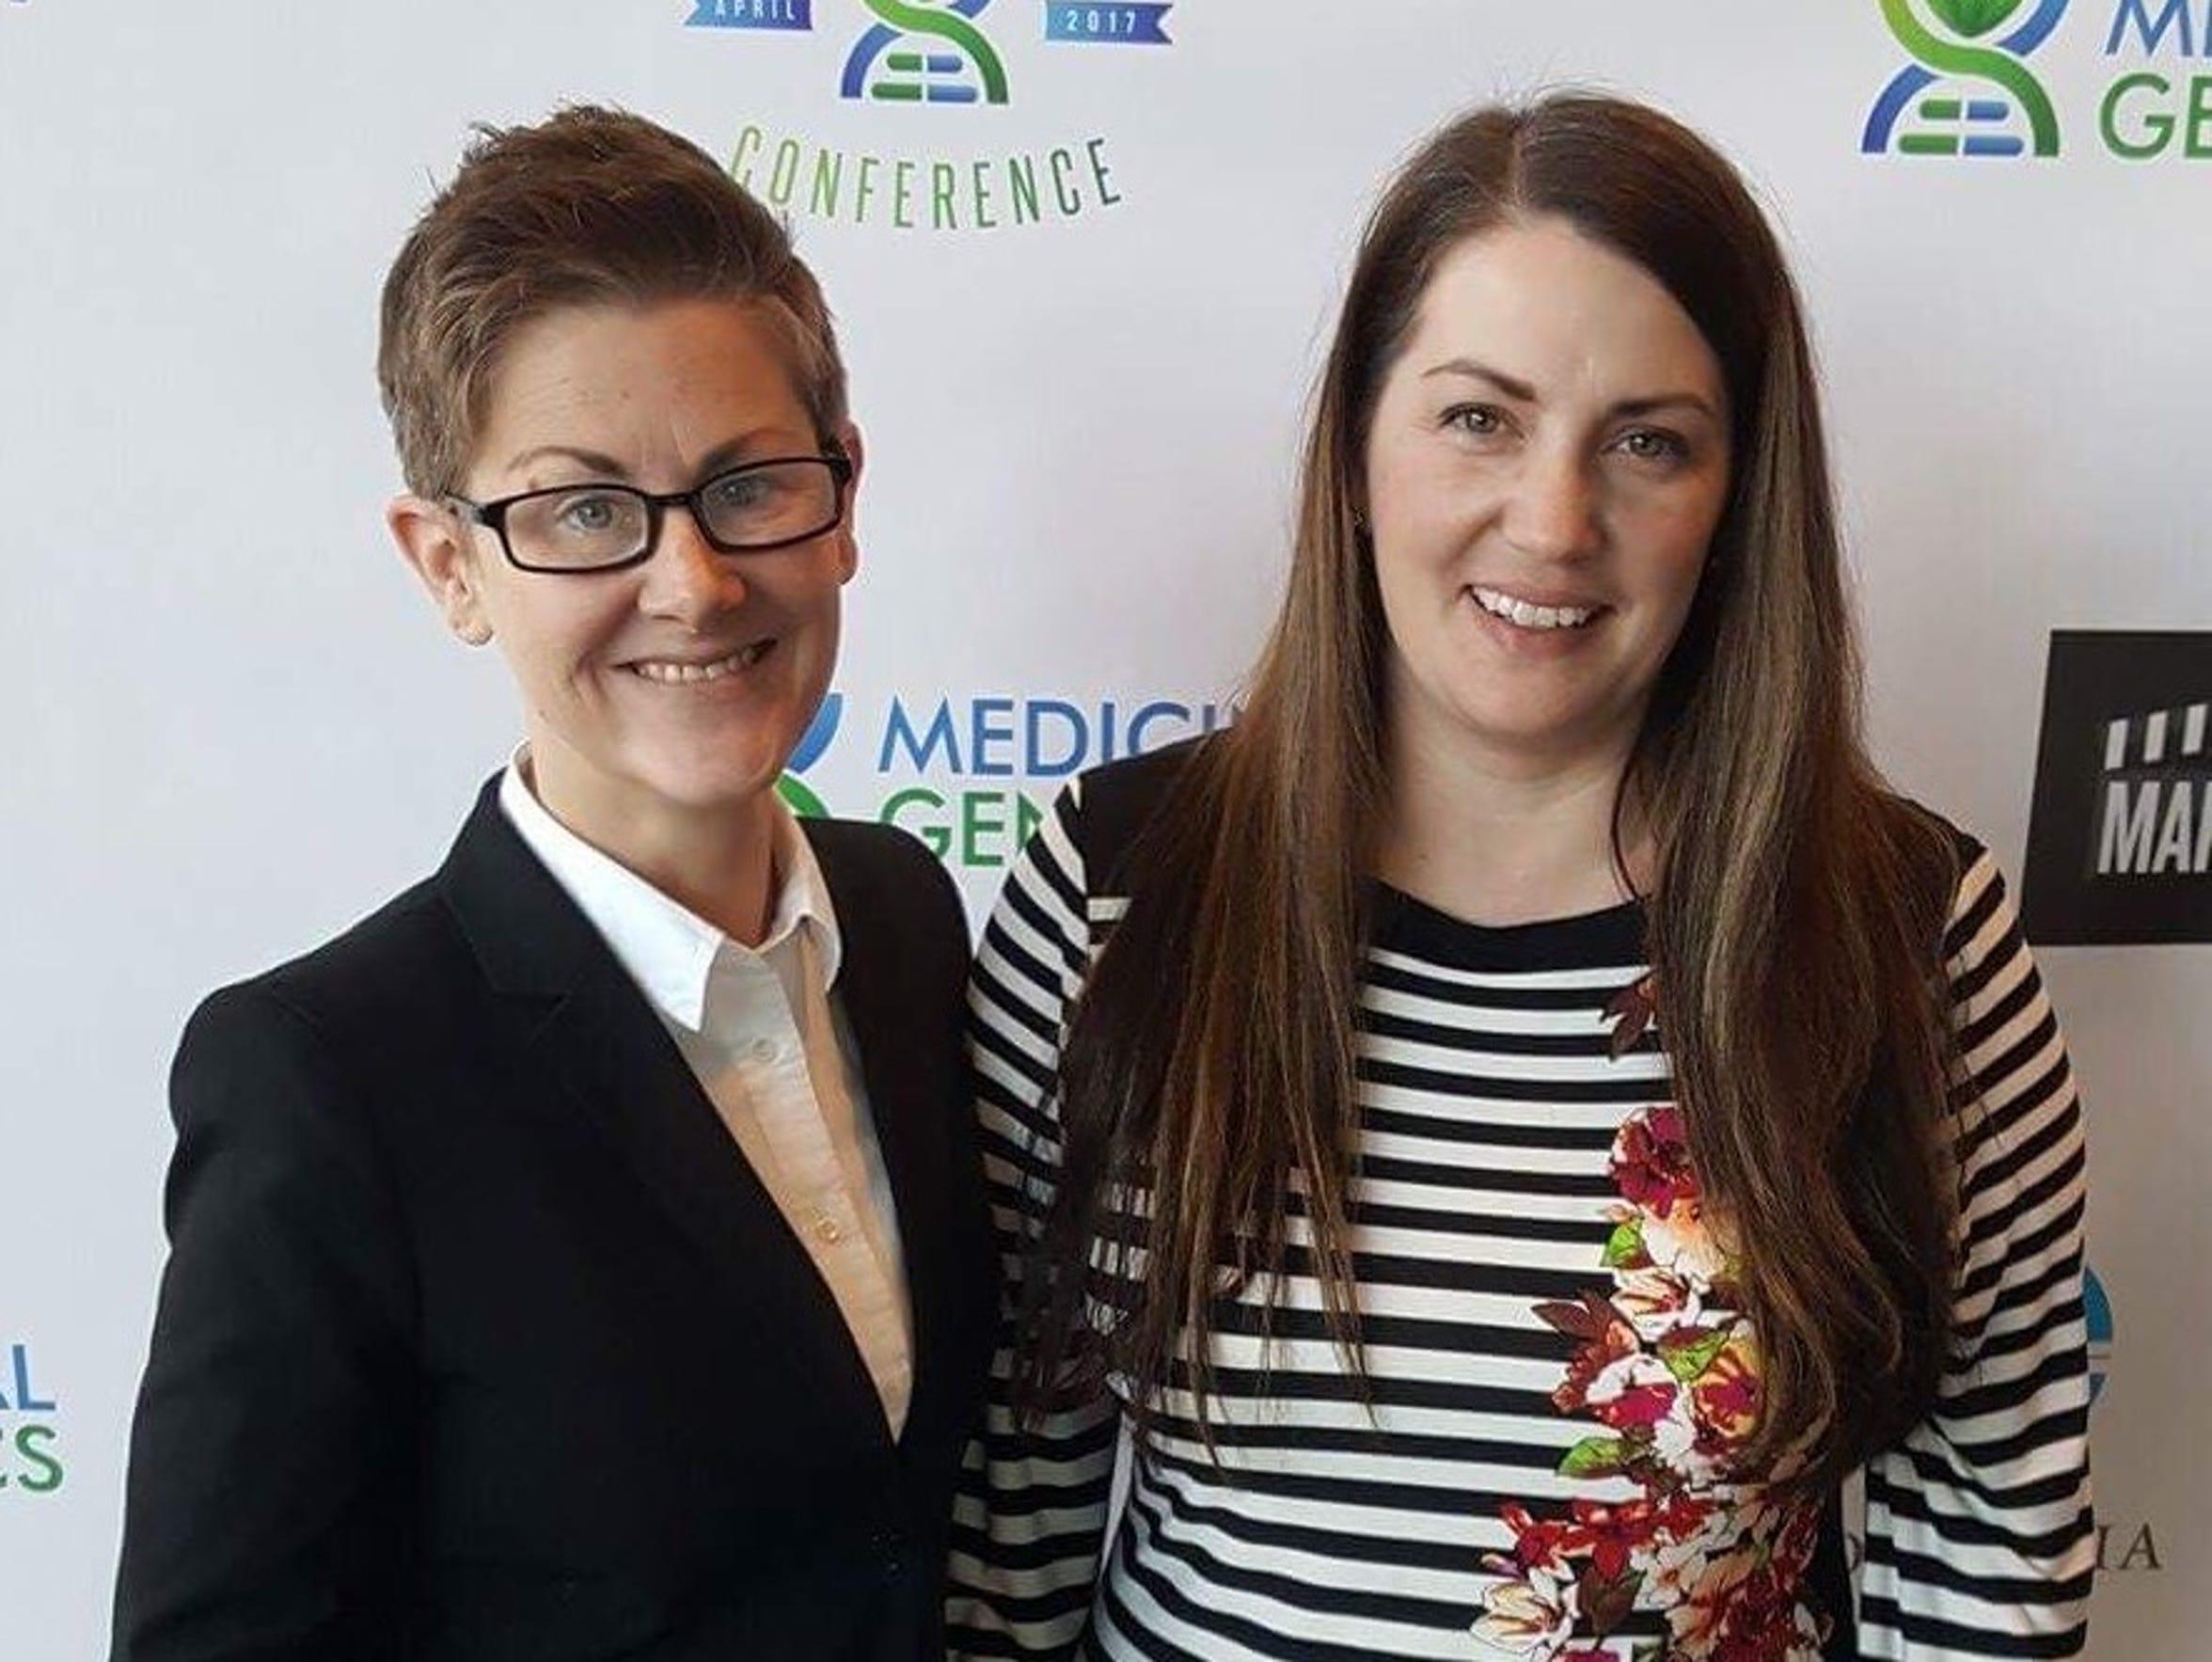 Executive director of Virginia NORML Jenn Michelle